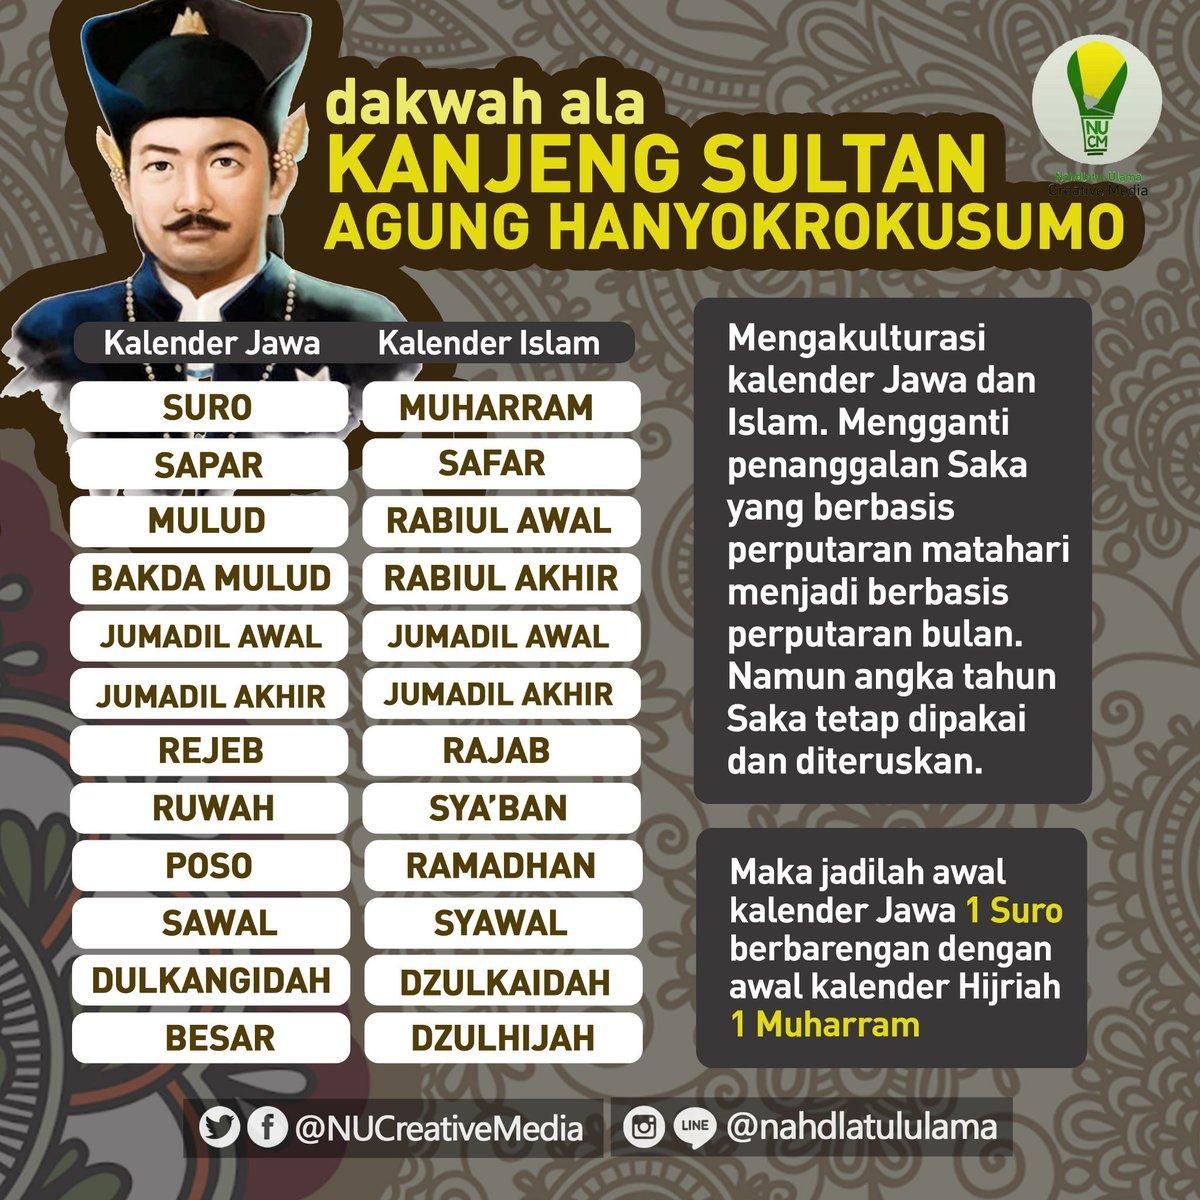 Islam NUsantara Twitterren